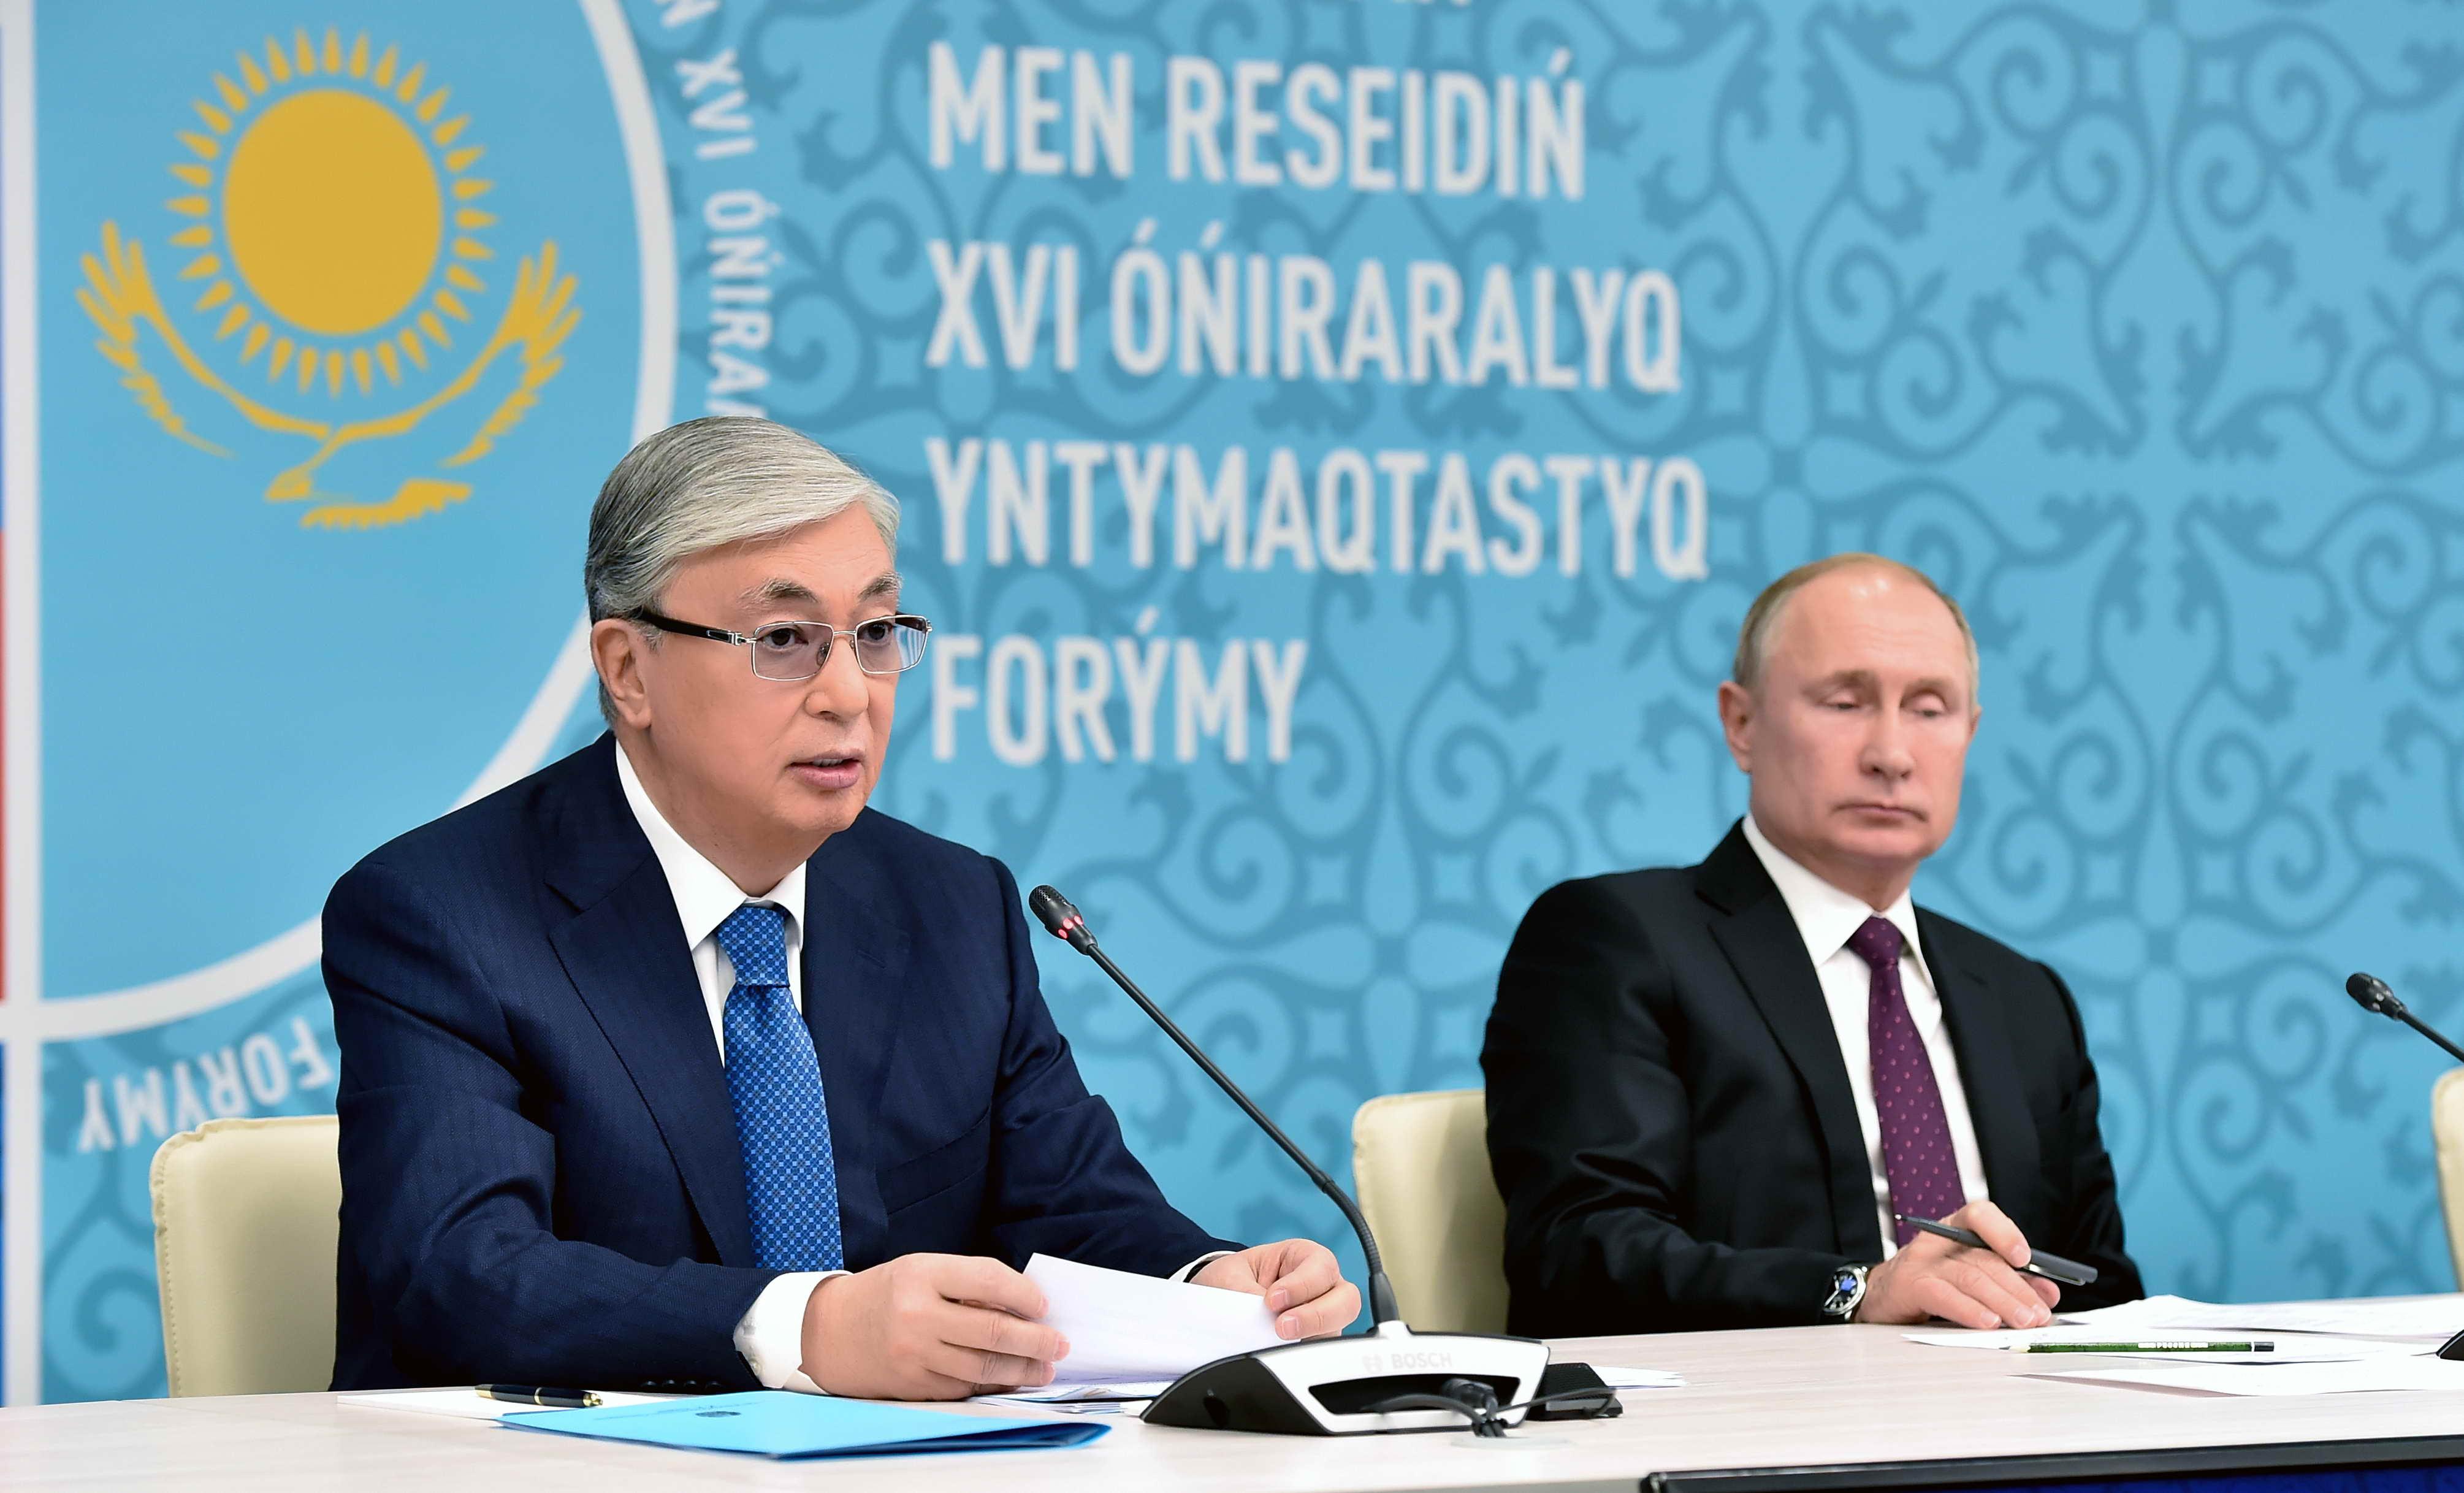 Токаев принял участие в XVI Форуме межрегионального сотрудничества Казахстана и России